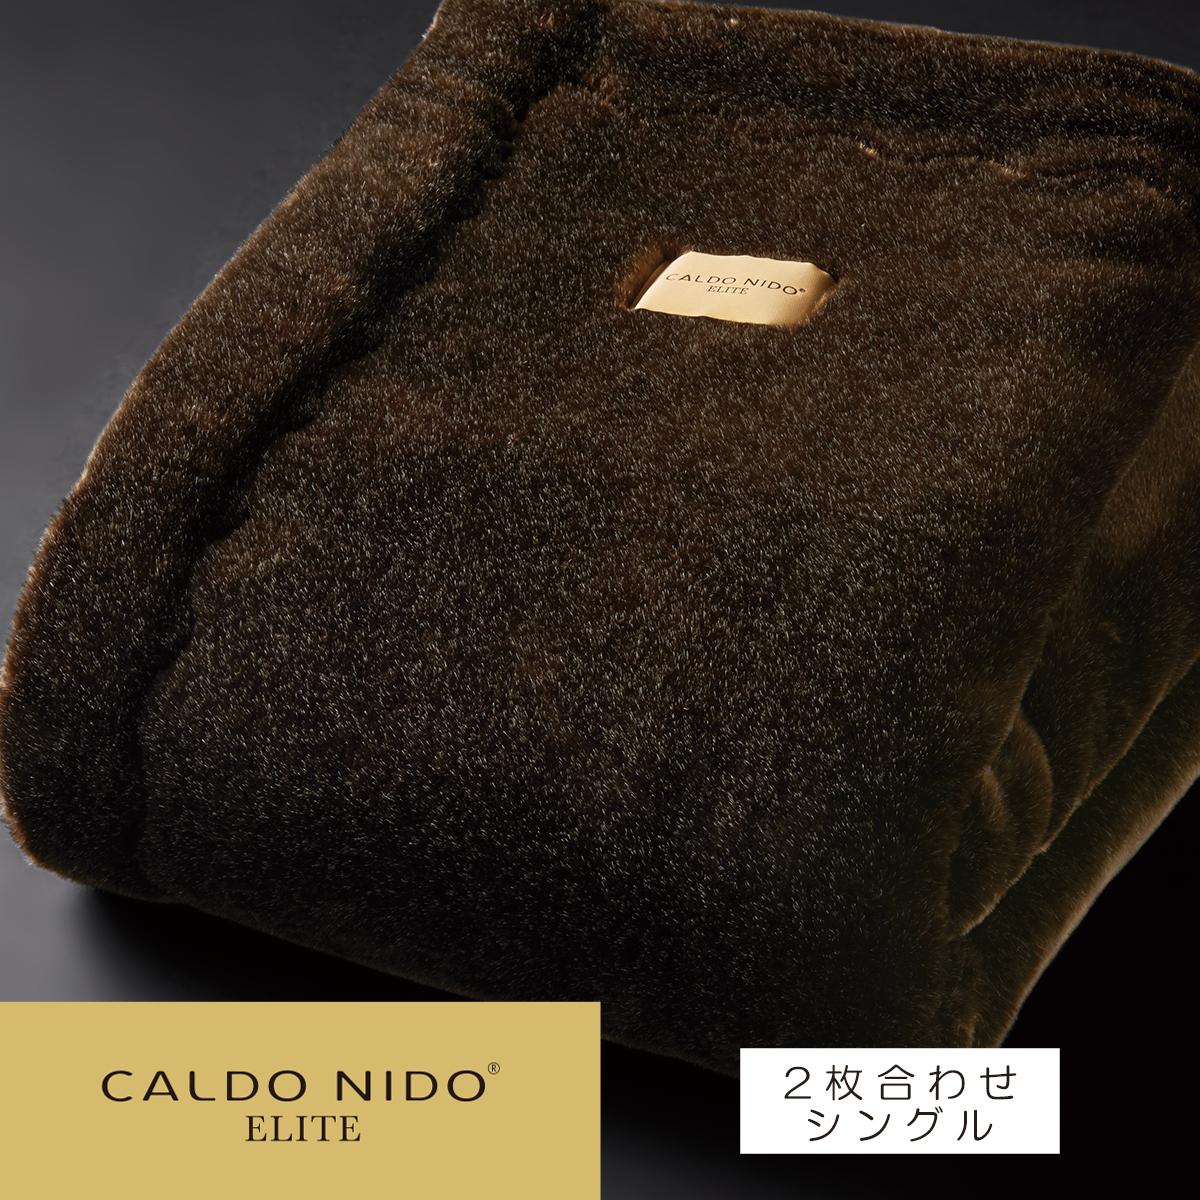 カルドニード 毛布 寝具 吸湿 発熱 日本製 国産 CALDO NIDO ELITE エリート メーカー公式ショップ 厚手 新作多数 快眠博士 二枚合わせ掛け毛布 ディーブレス 2枚合わせ 洗える シングル アクリル